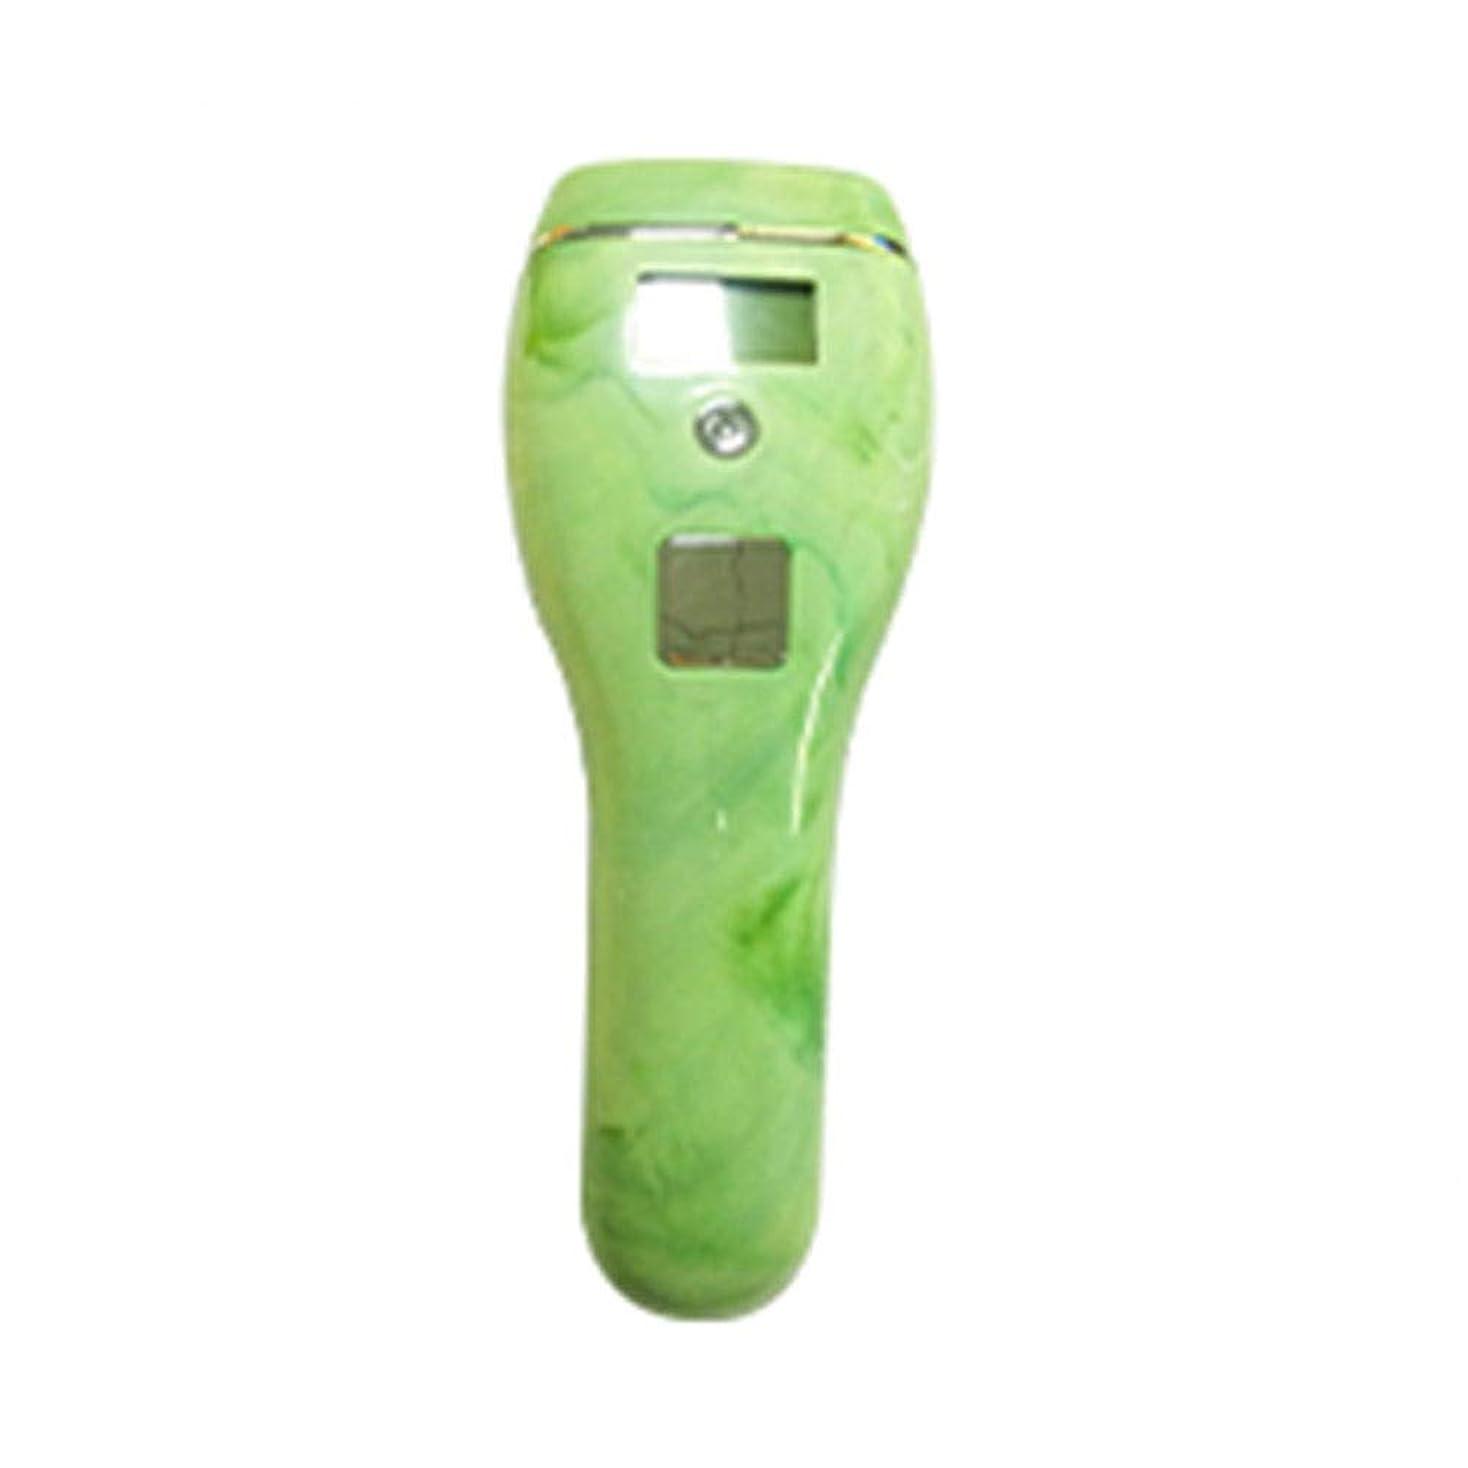 冷淡な商業の花Iku夫 自動肌のカラーセンシング、グリーン、5速調整、クォーツチューブ、携帯用痛みのない全身凍結乾燥用除湿器、サイズ19x7x5cm (Color : Green)